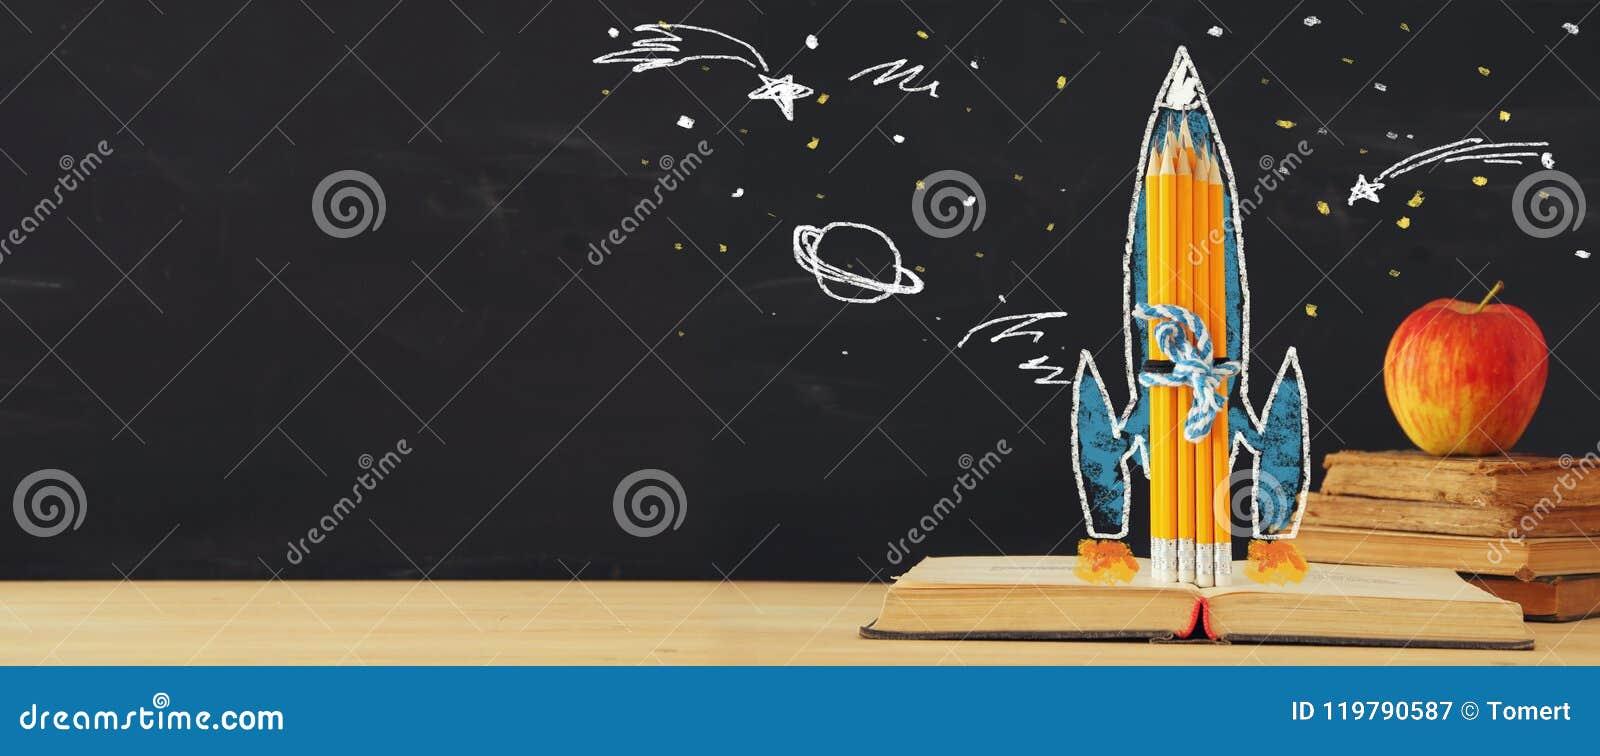 De volta à bandeira de escola suba rapidamente o esboço e os lápis sobre o livro aberto na frente do quadro-negro da sala de aula